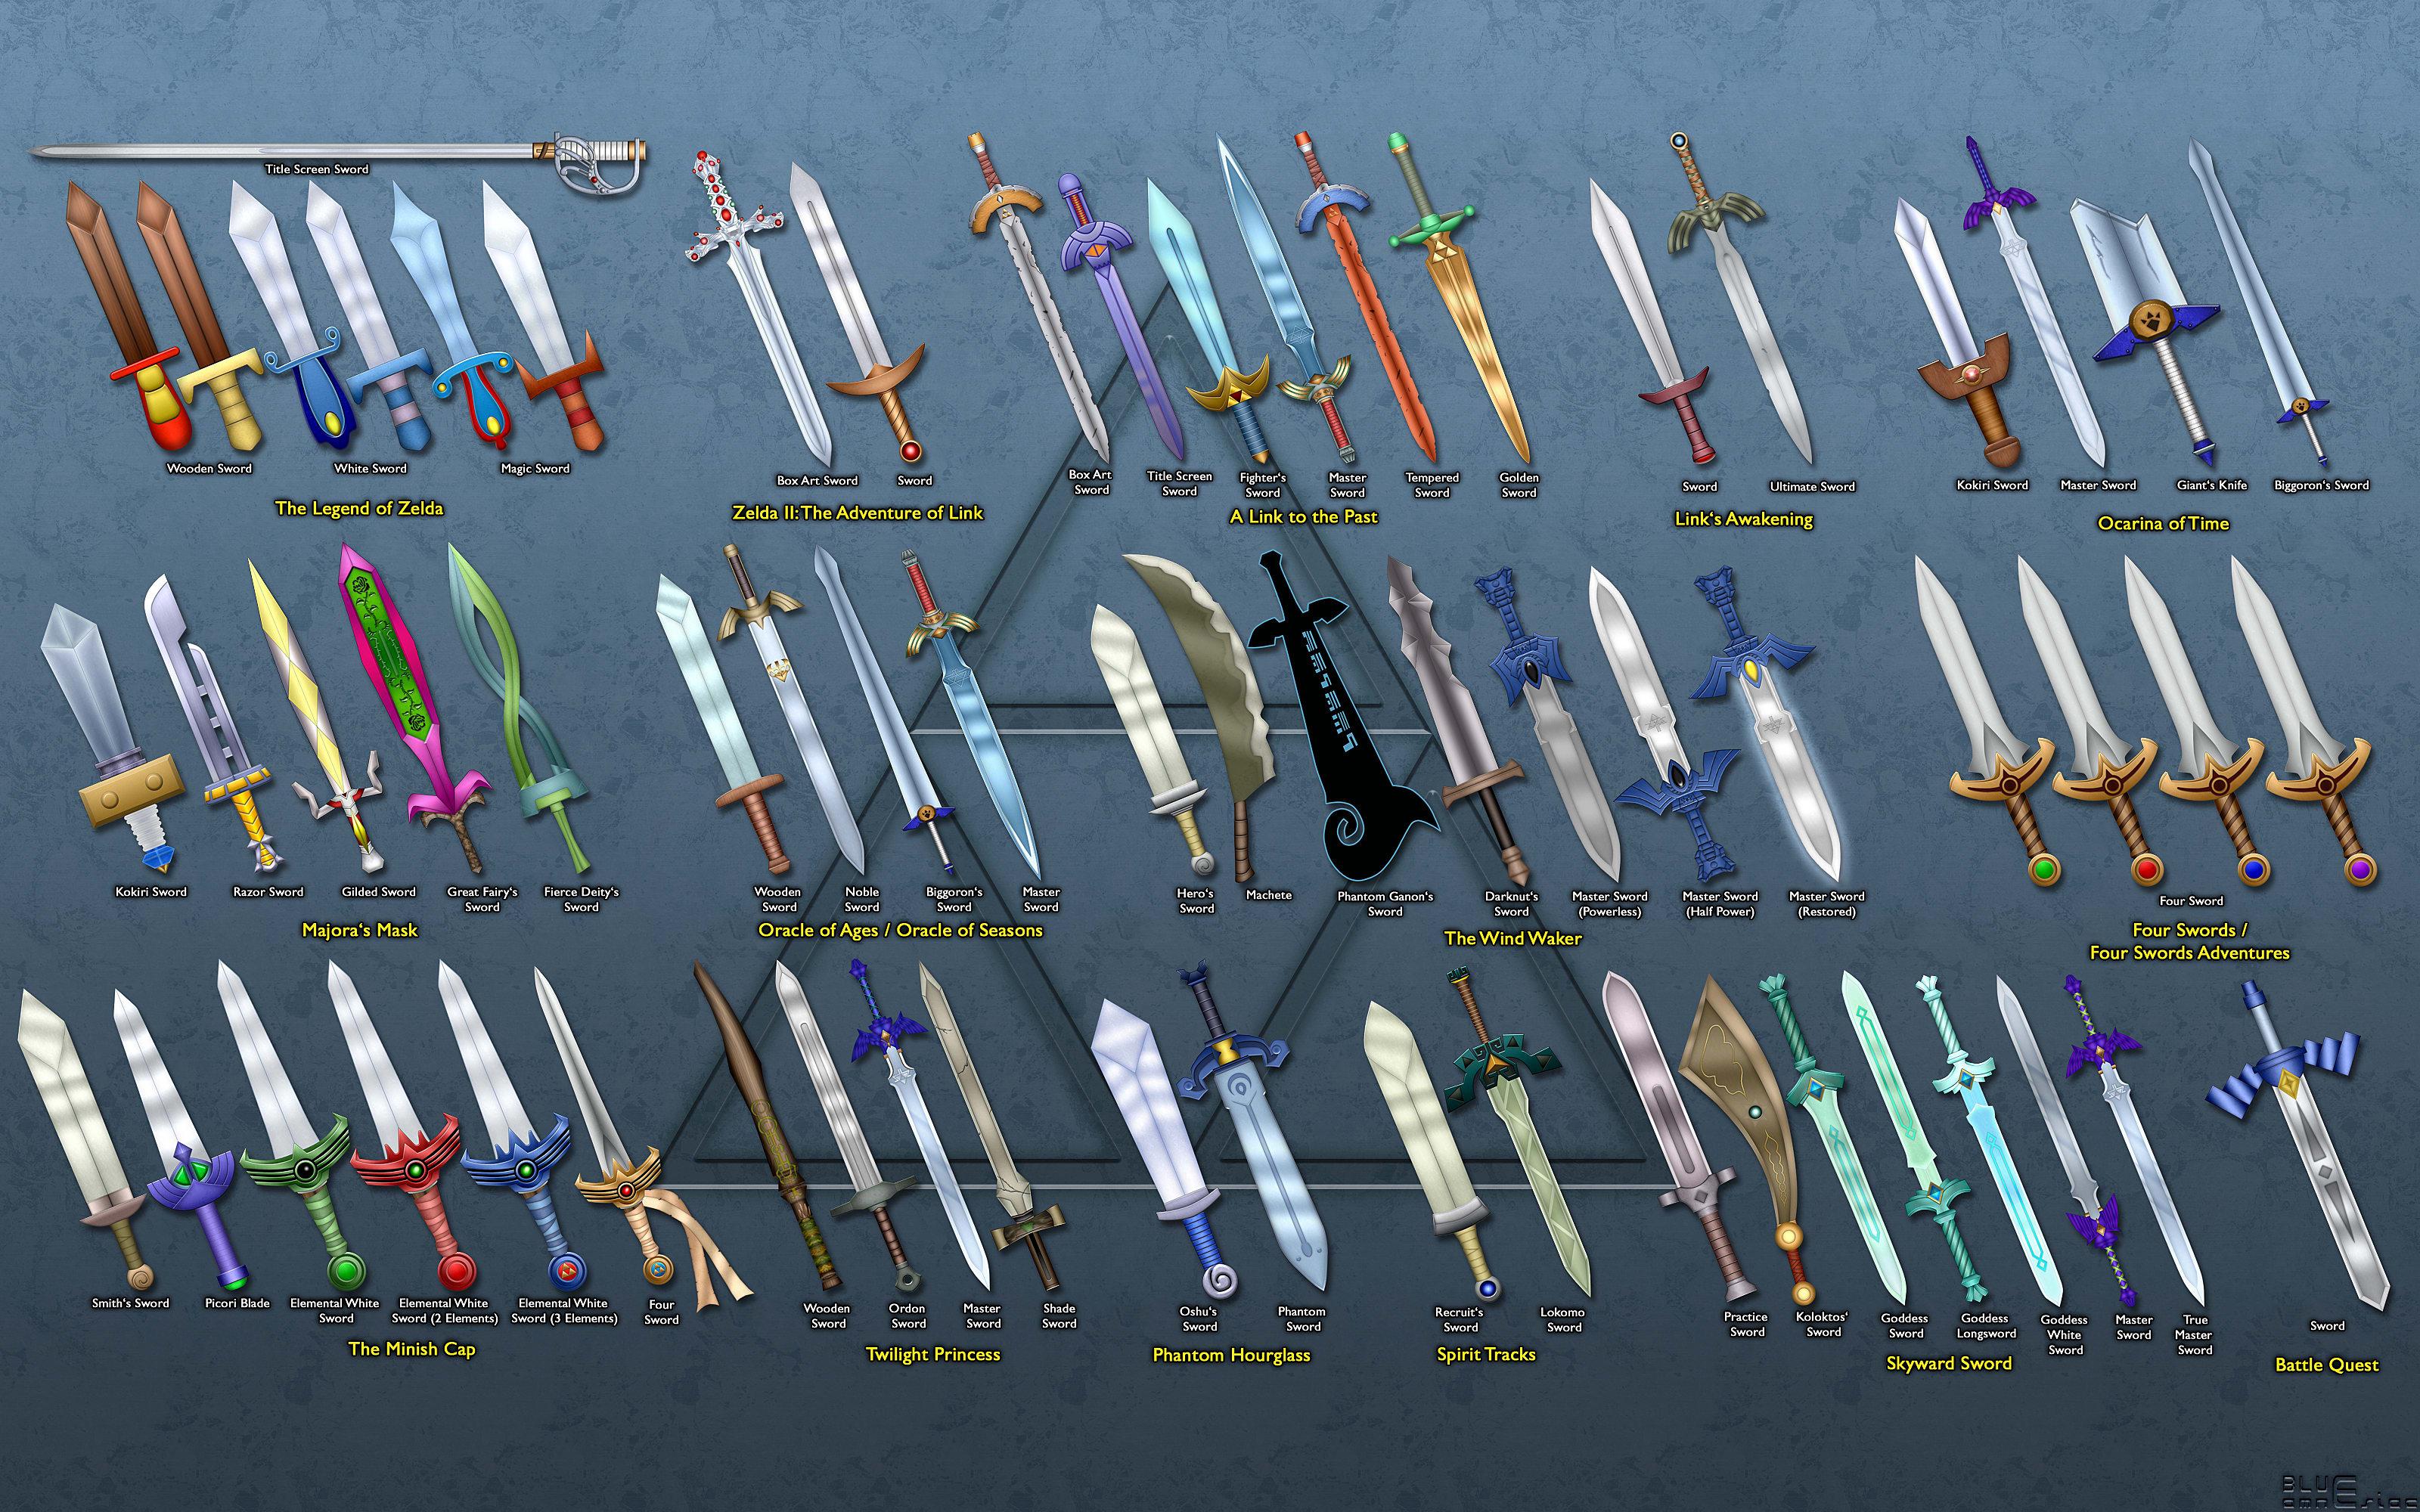 10 best swords from the legend of zelda series zelda ii the